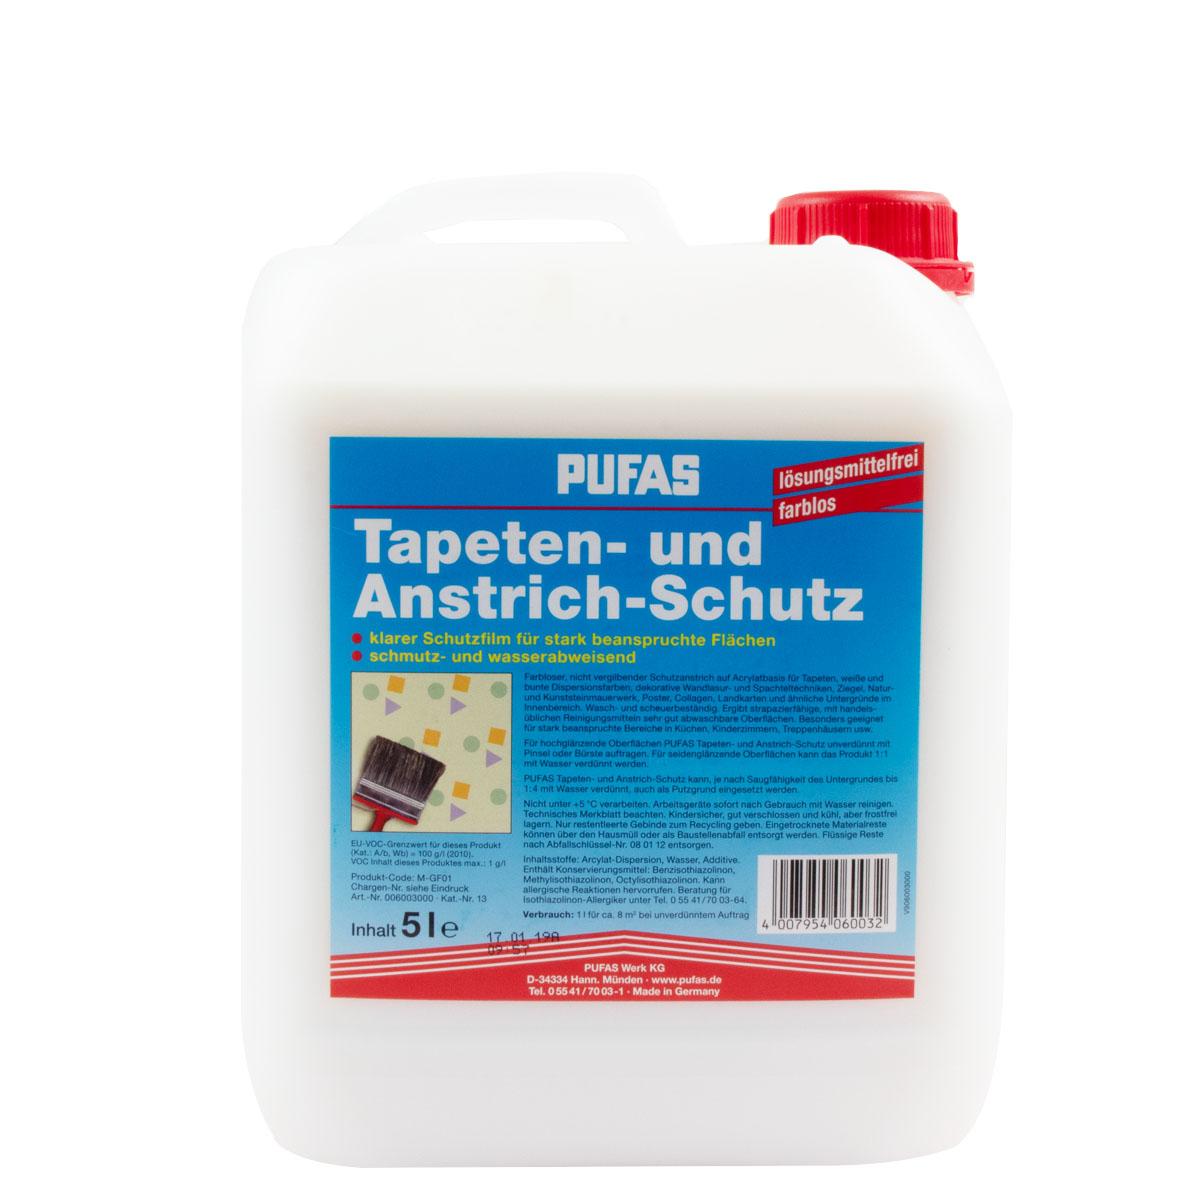 Pufas Tapeten- und Anstrichschutz versch. Größen, farblos, Schutzfilm